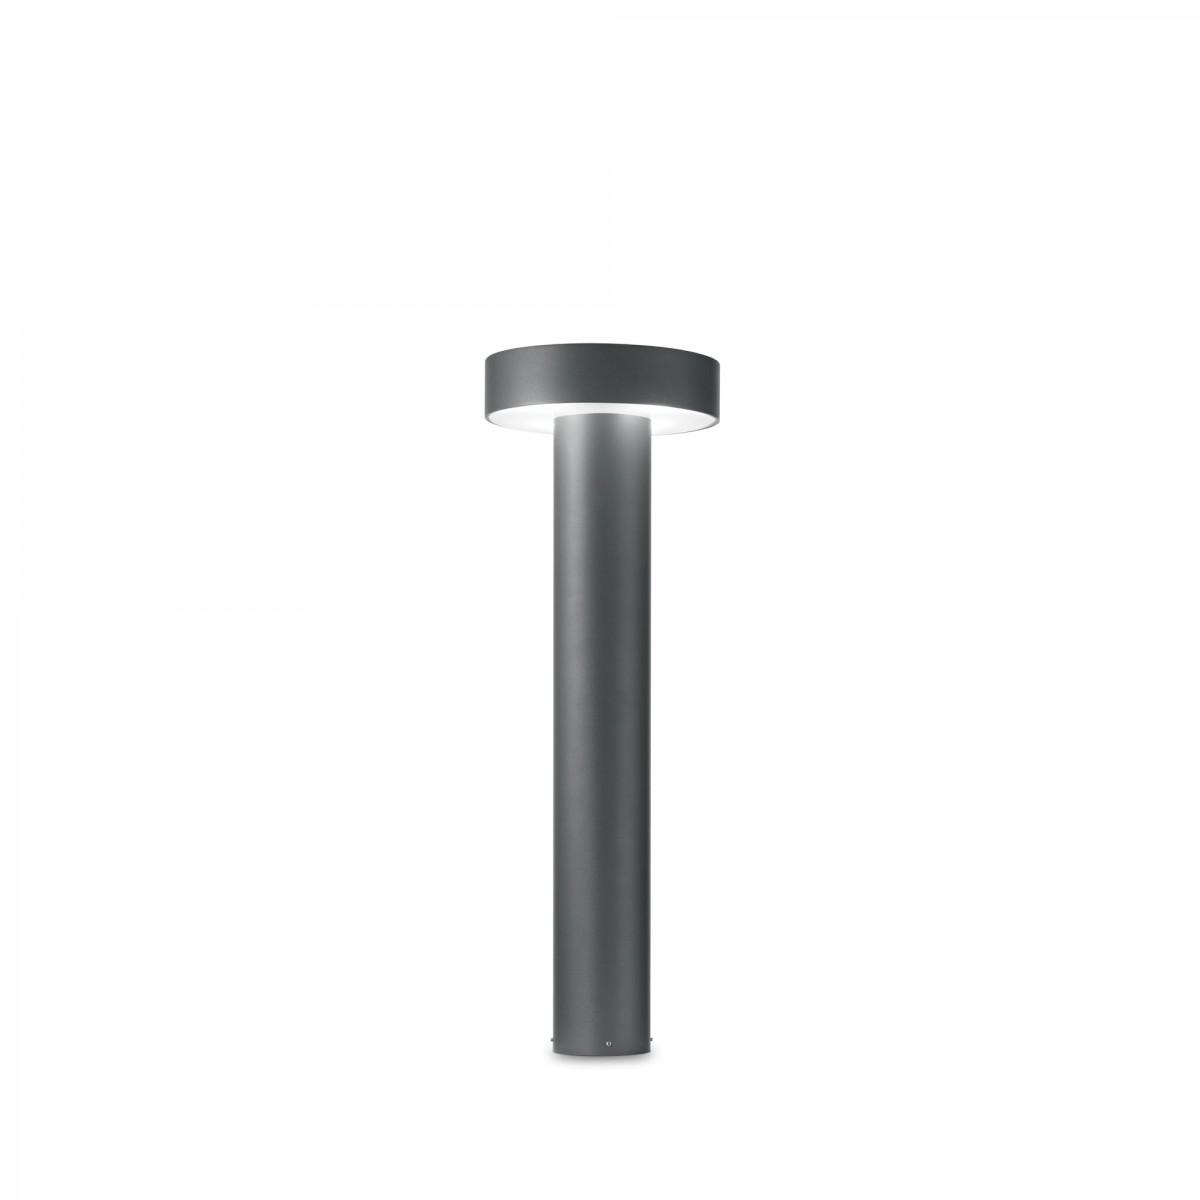 Ideal Lux 153193 venkovní lampa Tesla Small Antracite 4x15W|G9|IP44 - černá